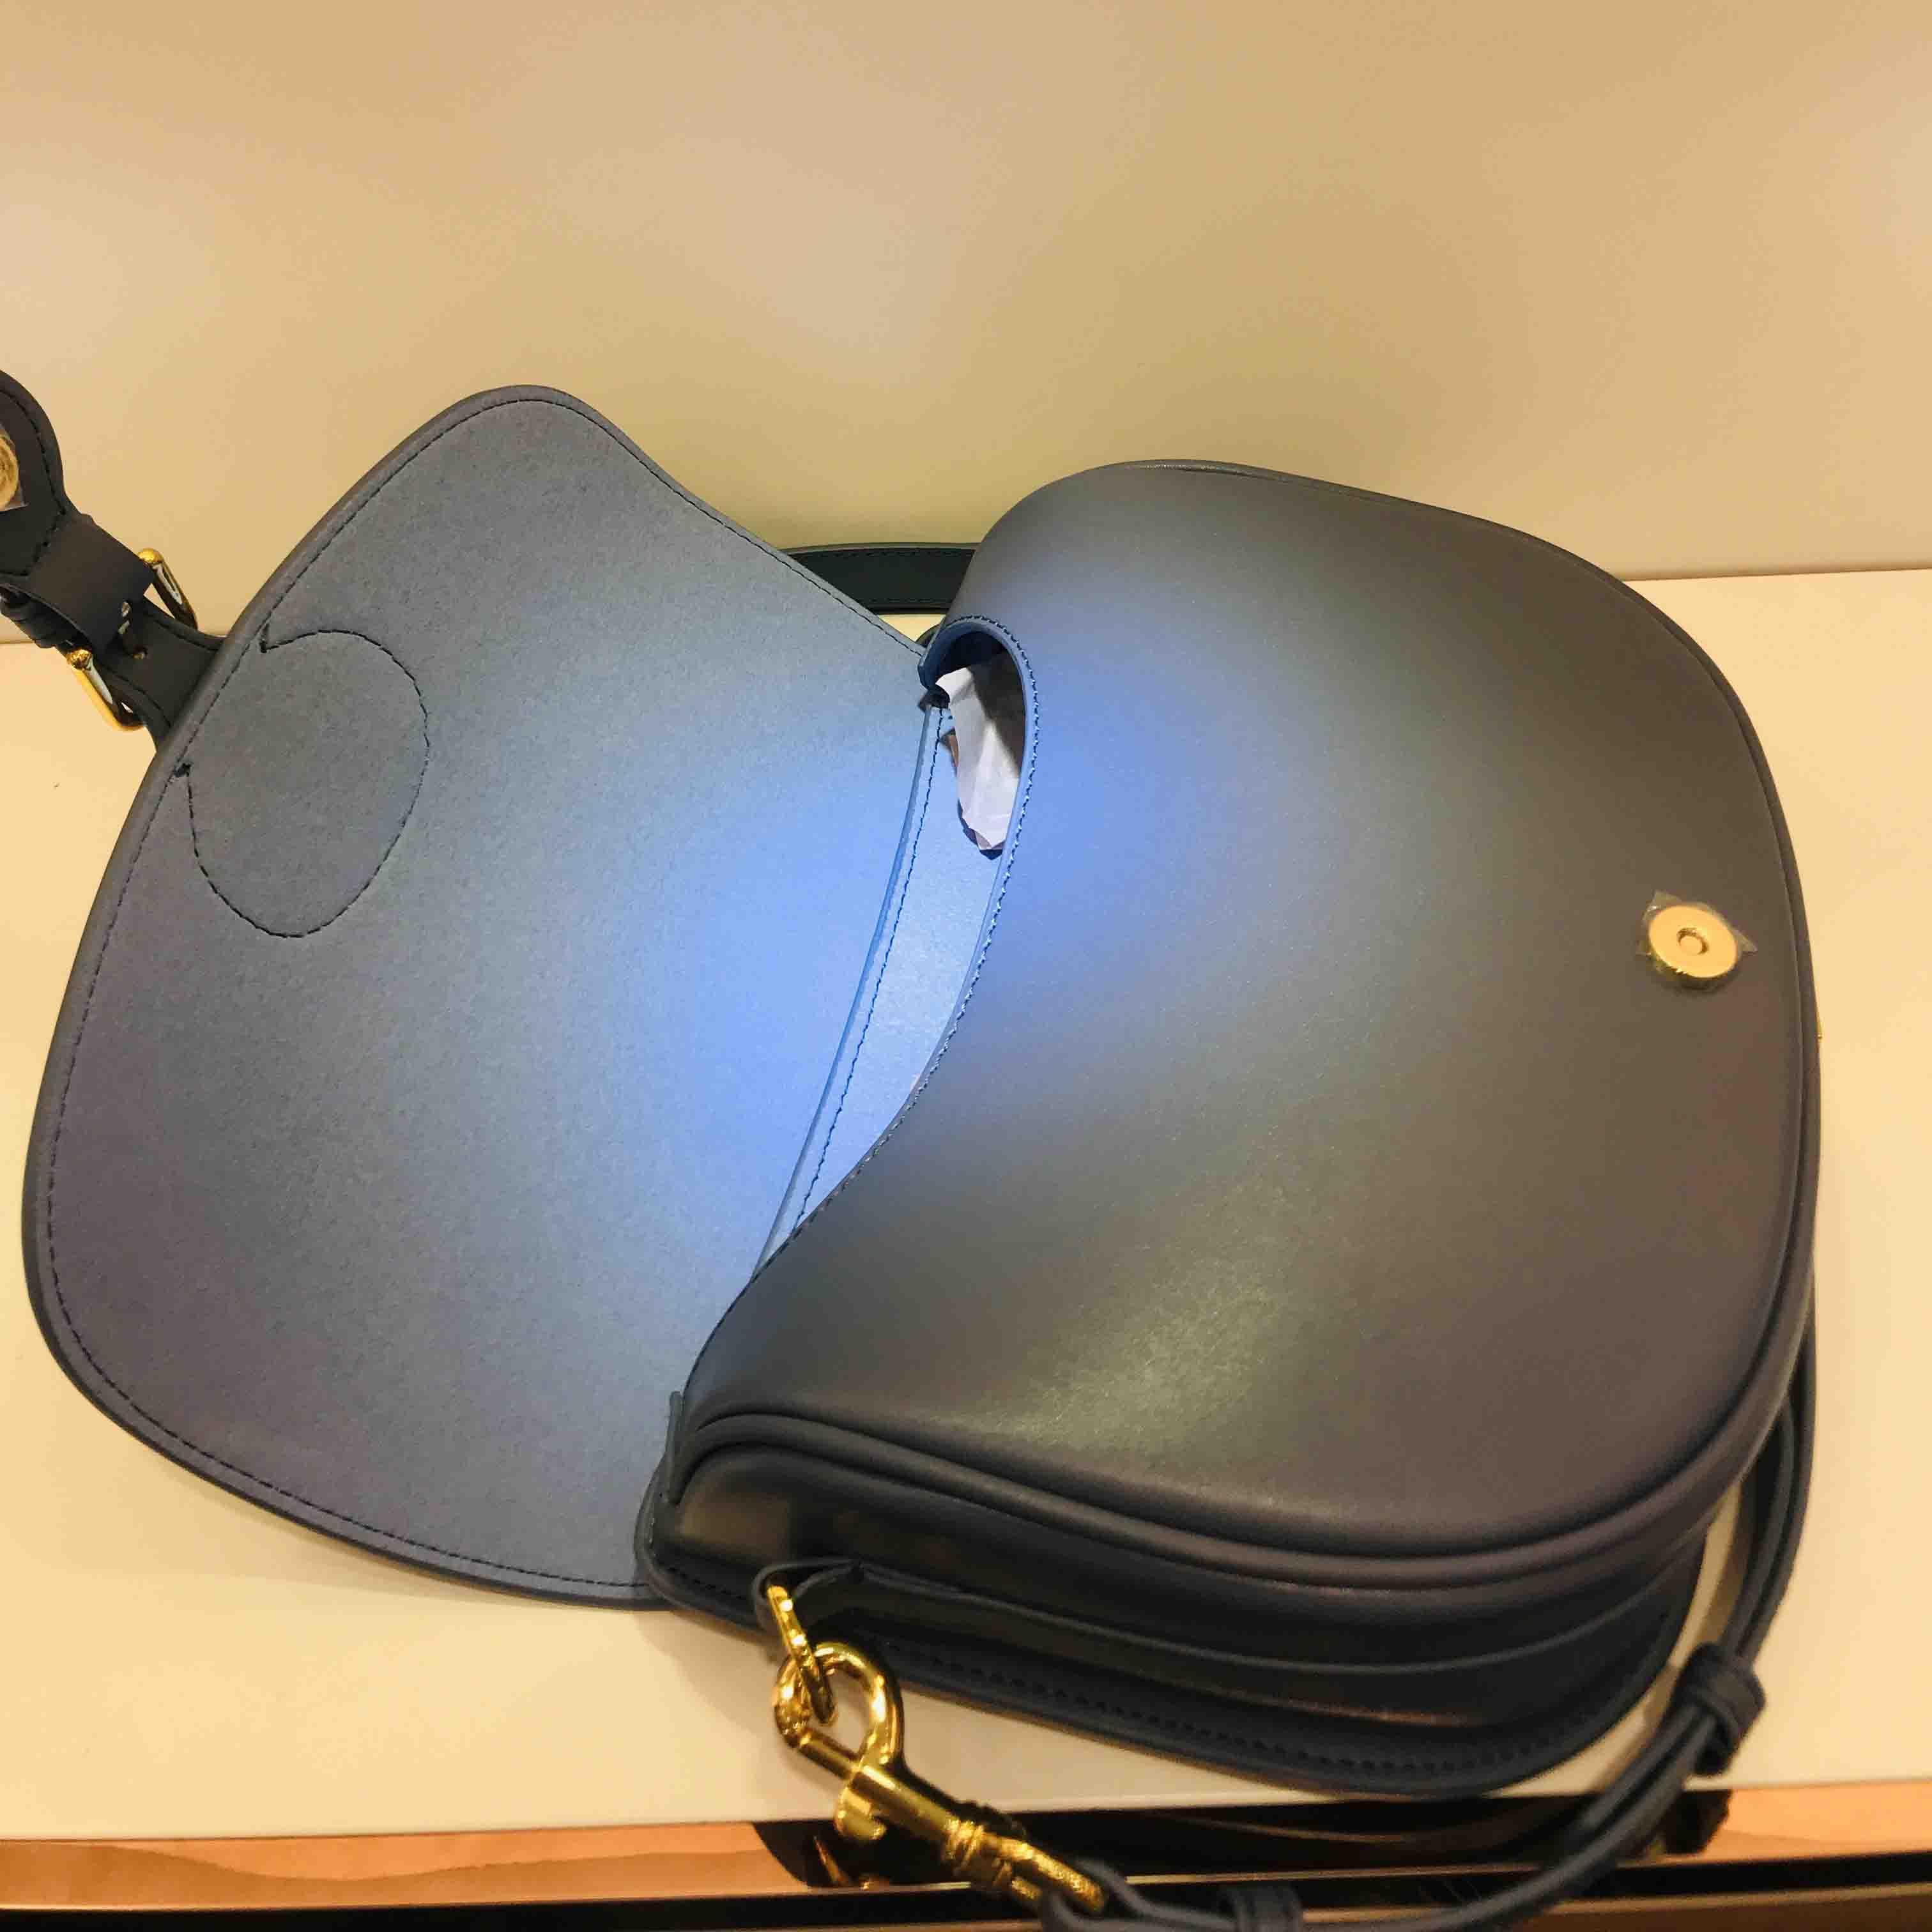 حقيبة يد كلاسيكية أعلى جودة جلد طبيعي مع الكتف حزام محفظة المعادن قلادة حقائب الكتف المرأة حقيبة crossbody حقيبة جلد البقر